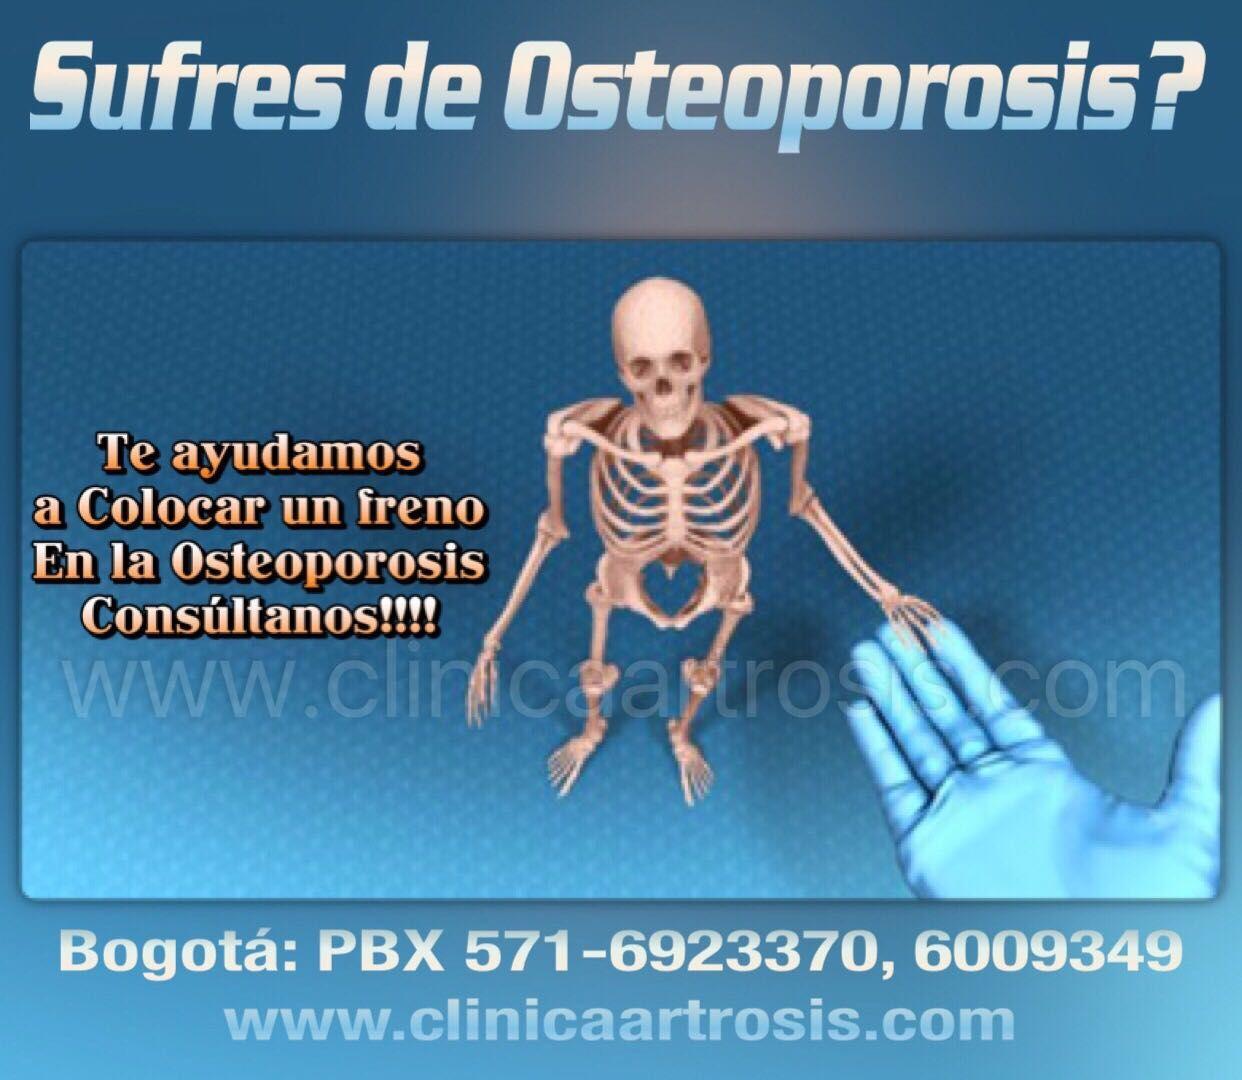 40++ Ejercicios para la osteoporosis avanzada ideas in 2021